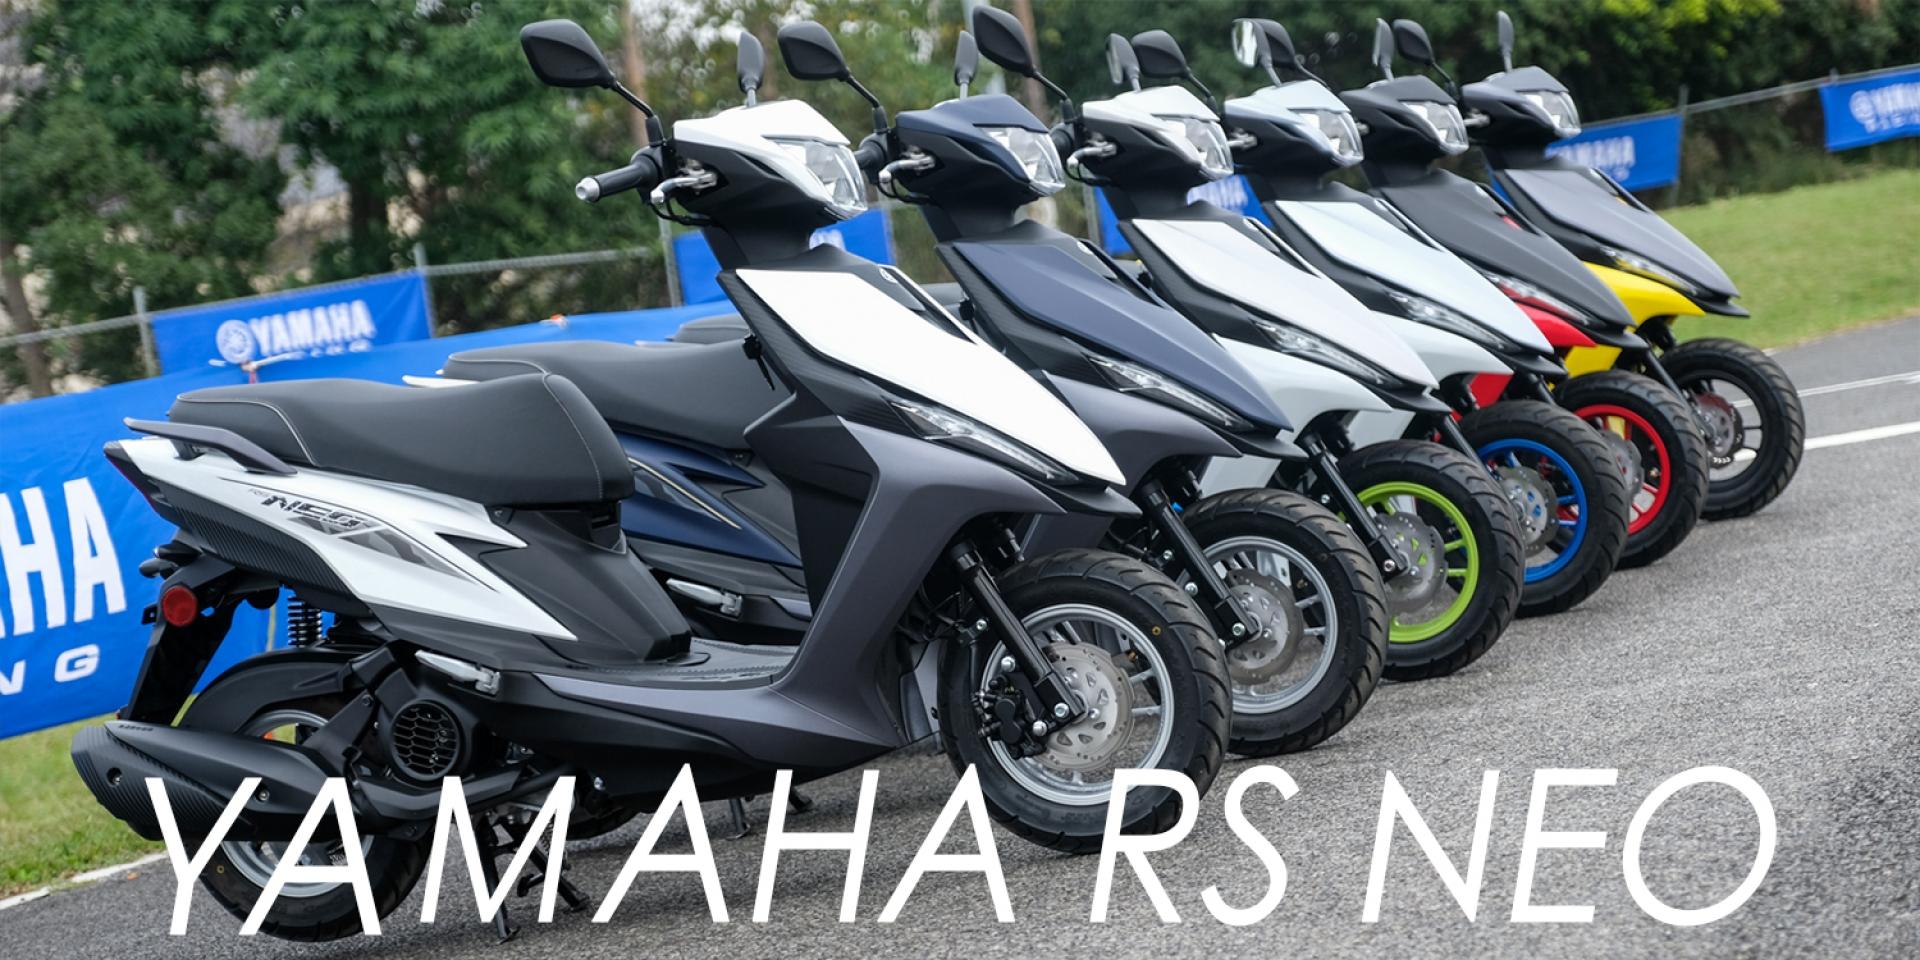 排量提升Blue core上身! 2019 YAMAHA RS NEO 開價六萬八進軍年輕市場!